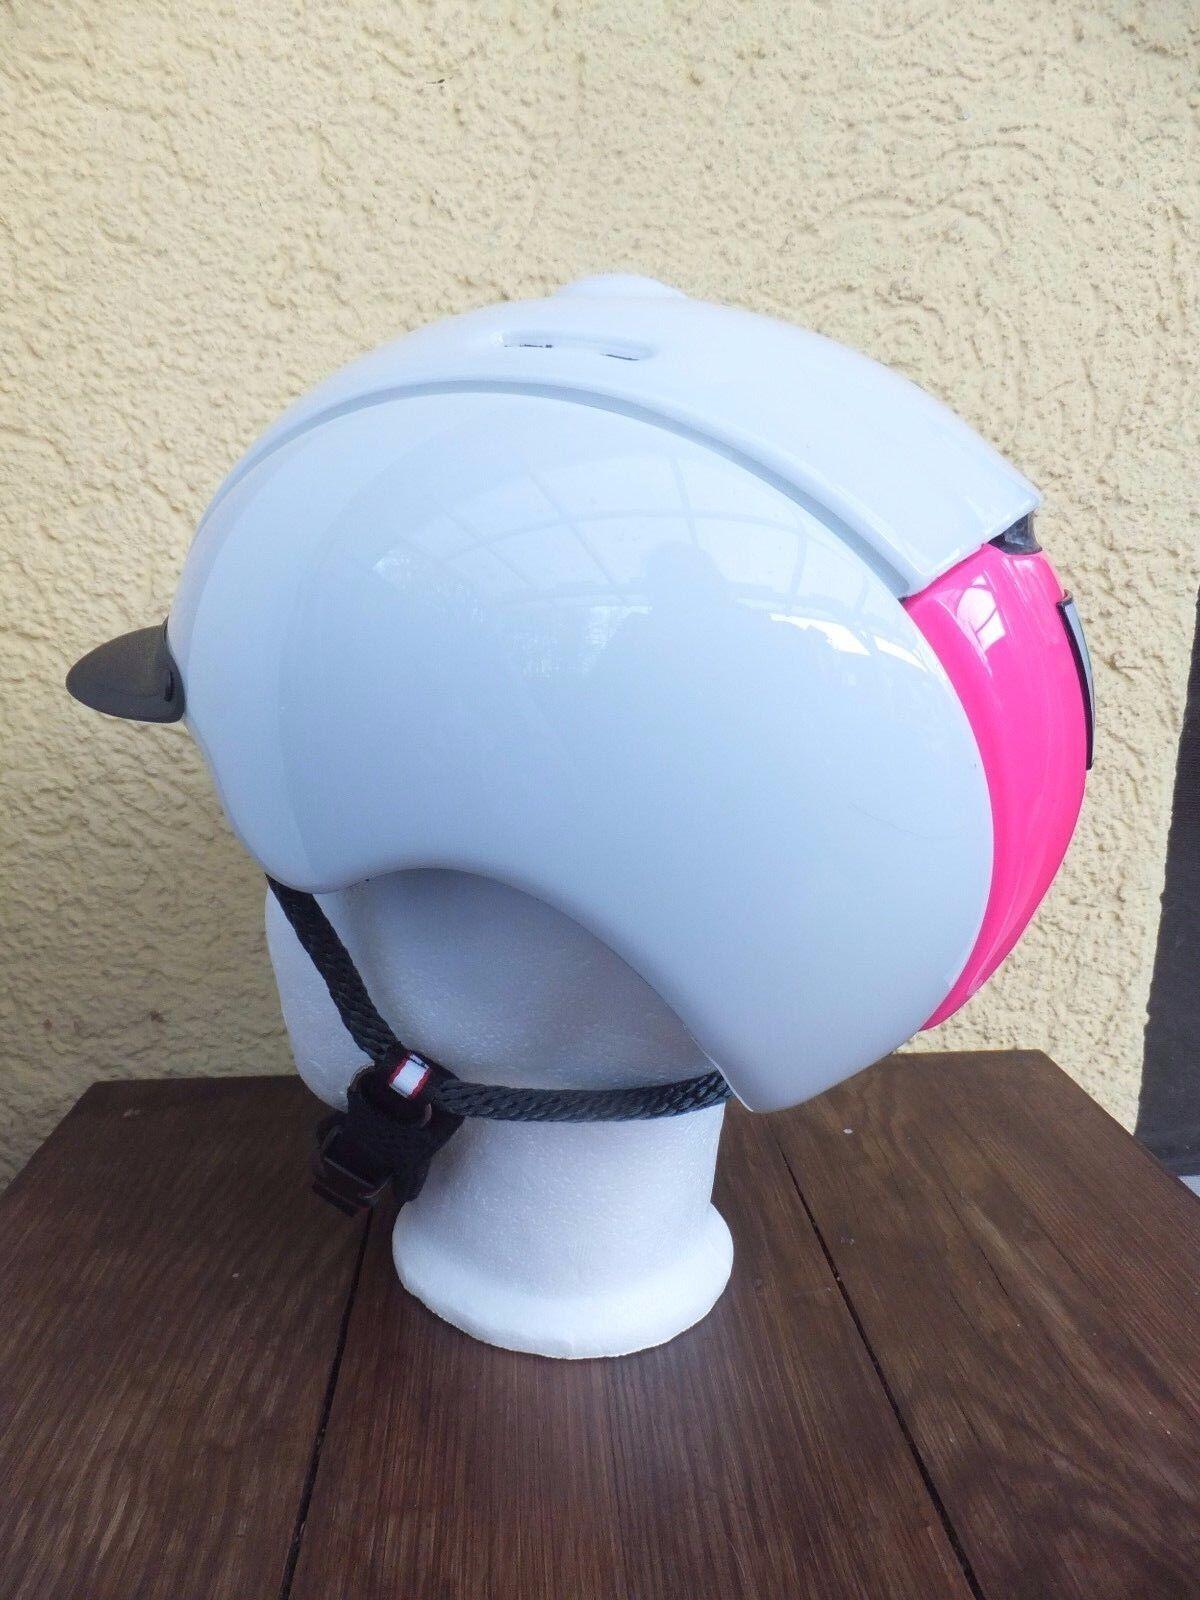 neuer CASCO NORI white glanz pink Reithelm mit VG1.01 Siegel